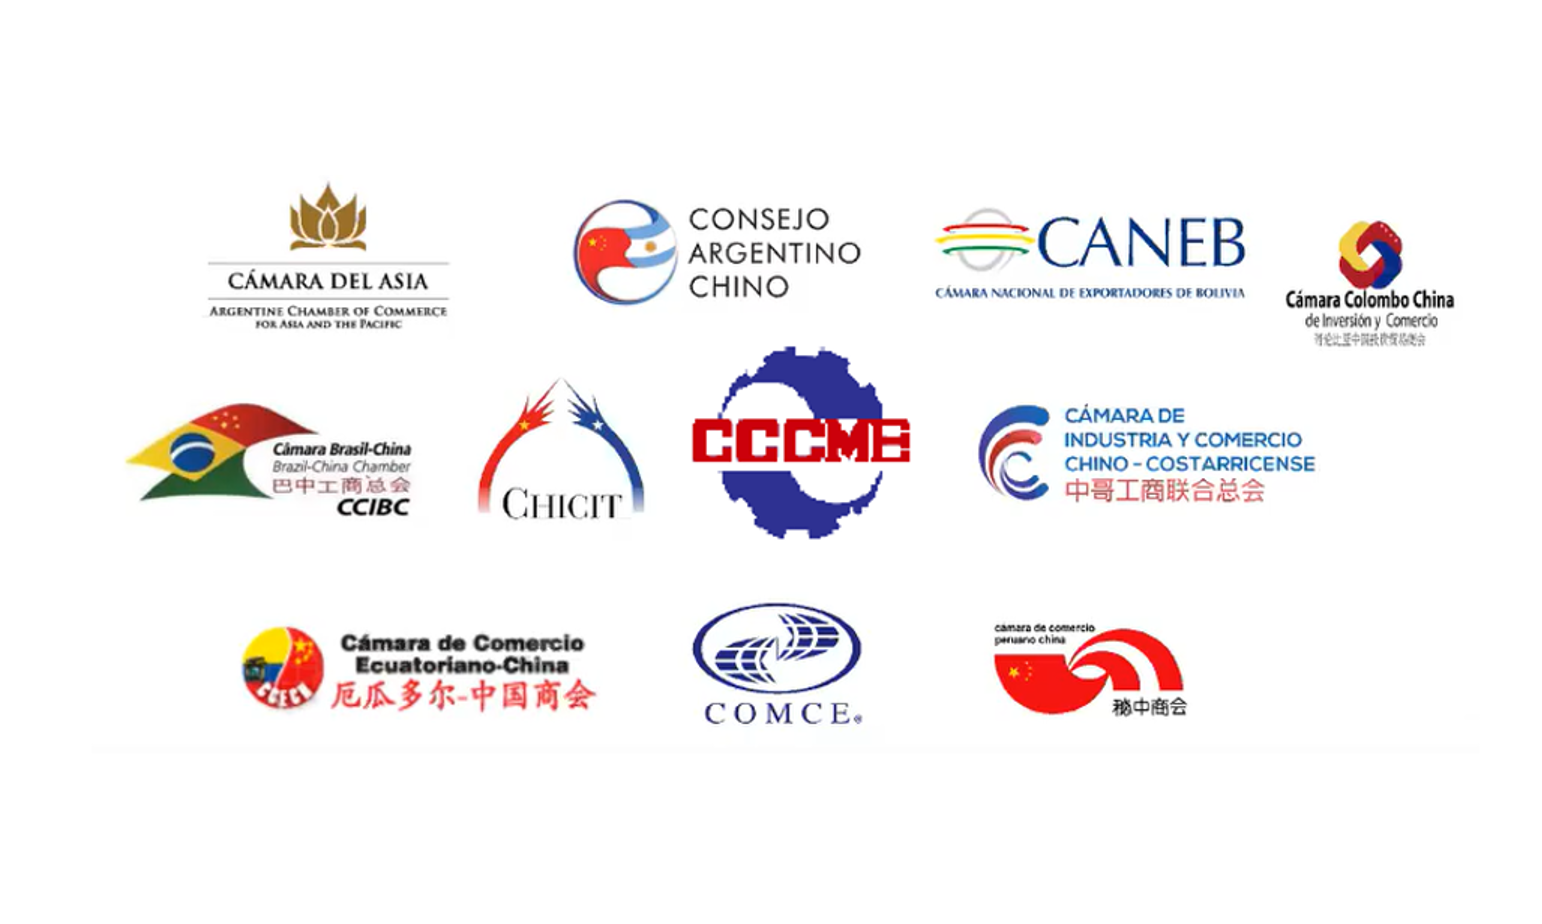 张钰晶会长与拉美十国商协会进行线上交流